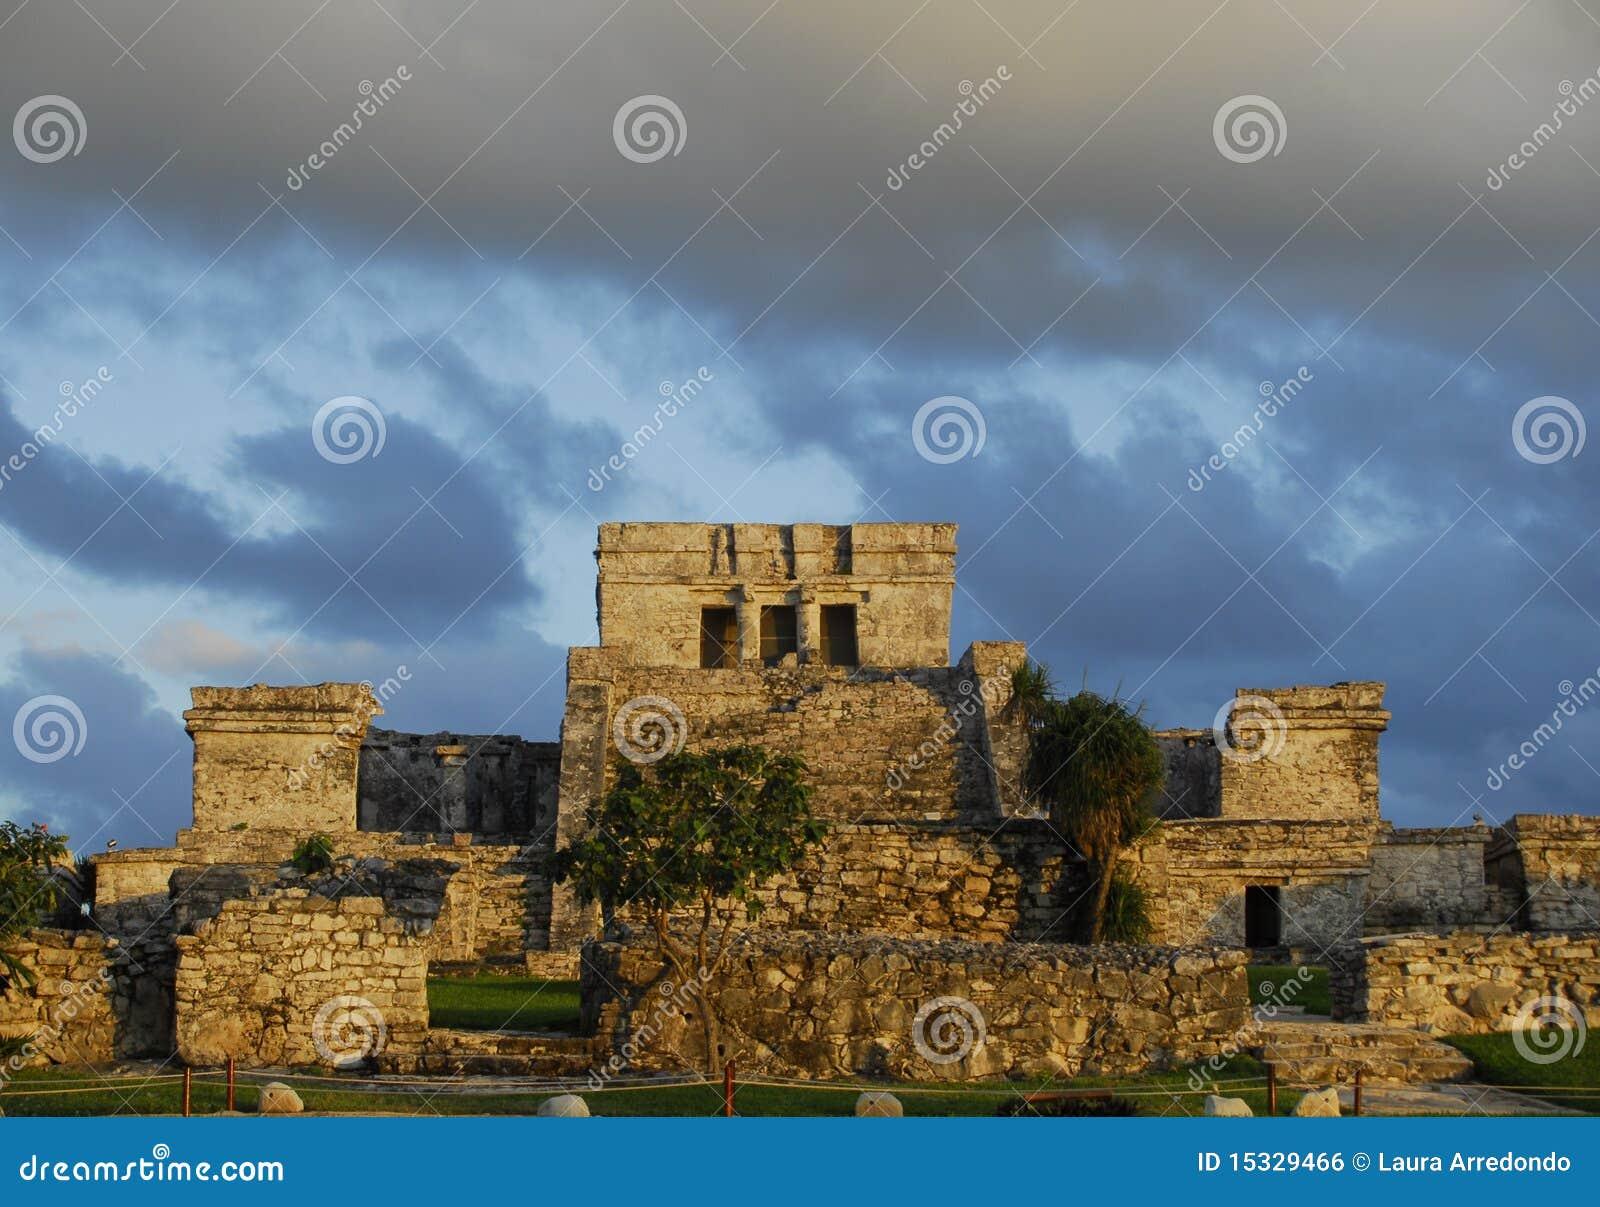 Maya ruins, Tulum